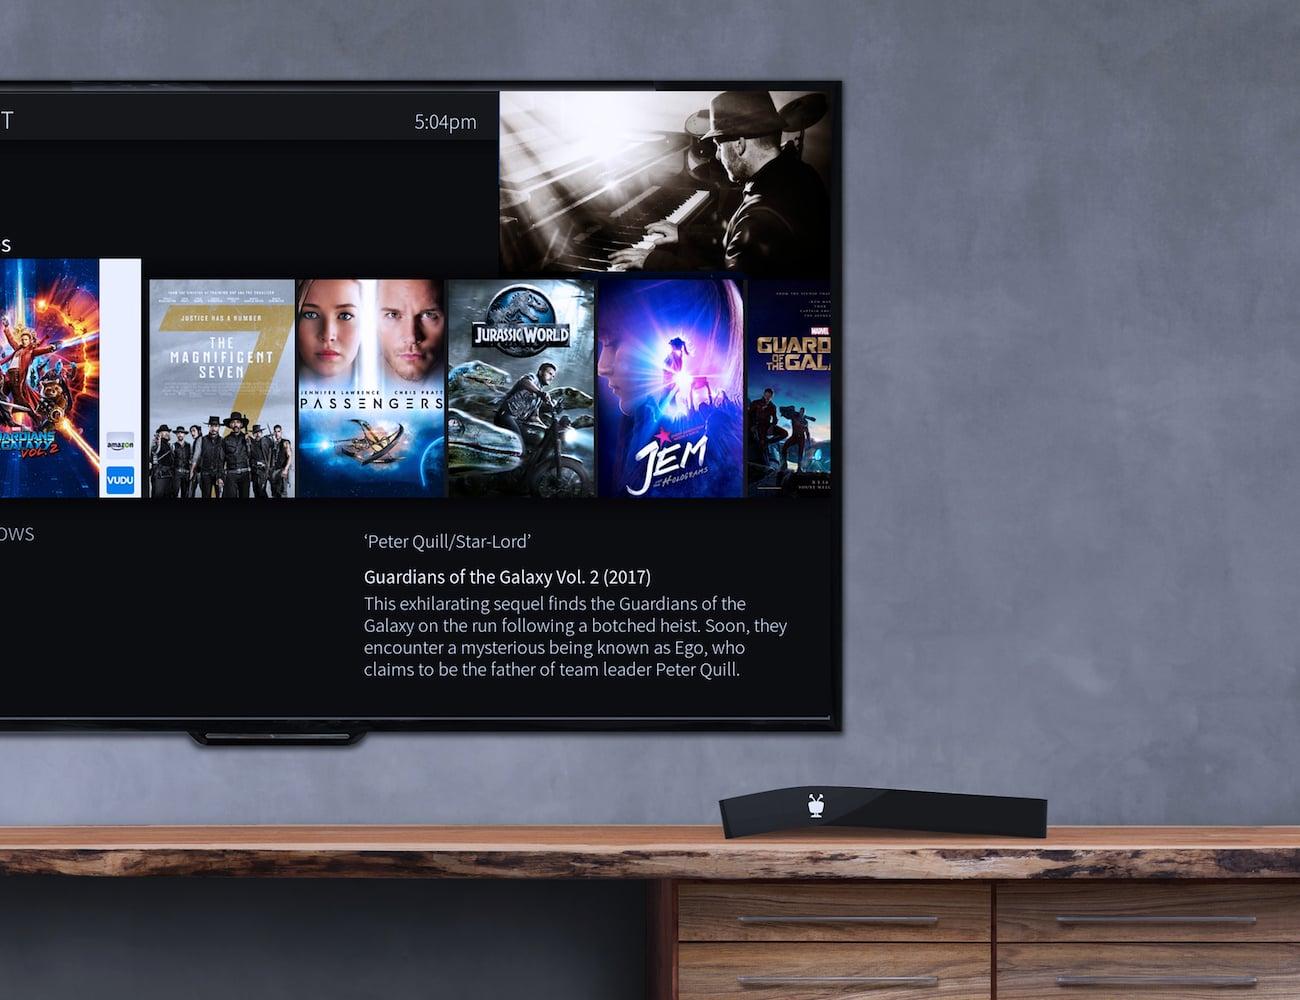 TiVo Bolt Vox DVR with Voice Control